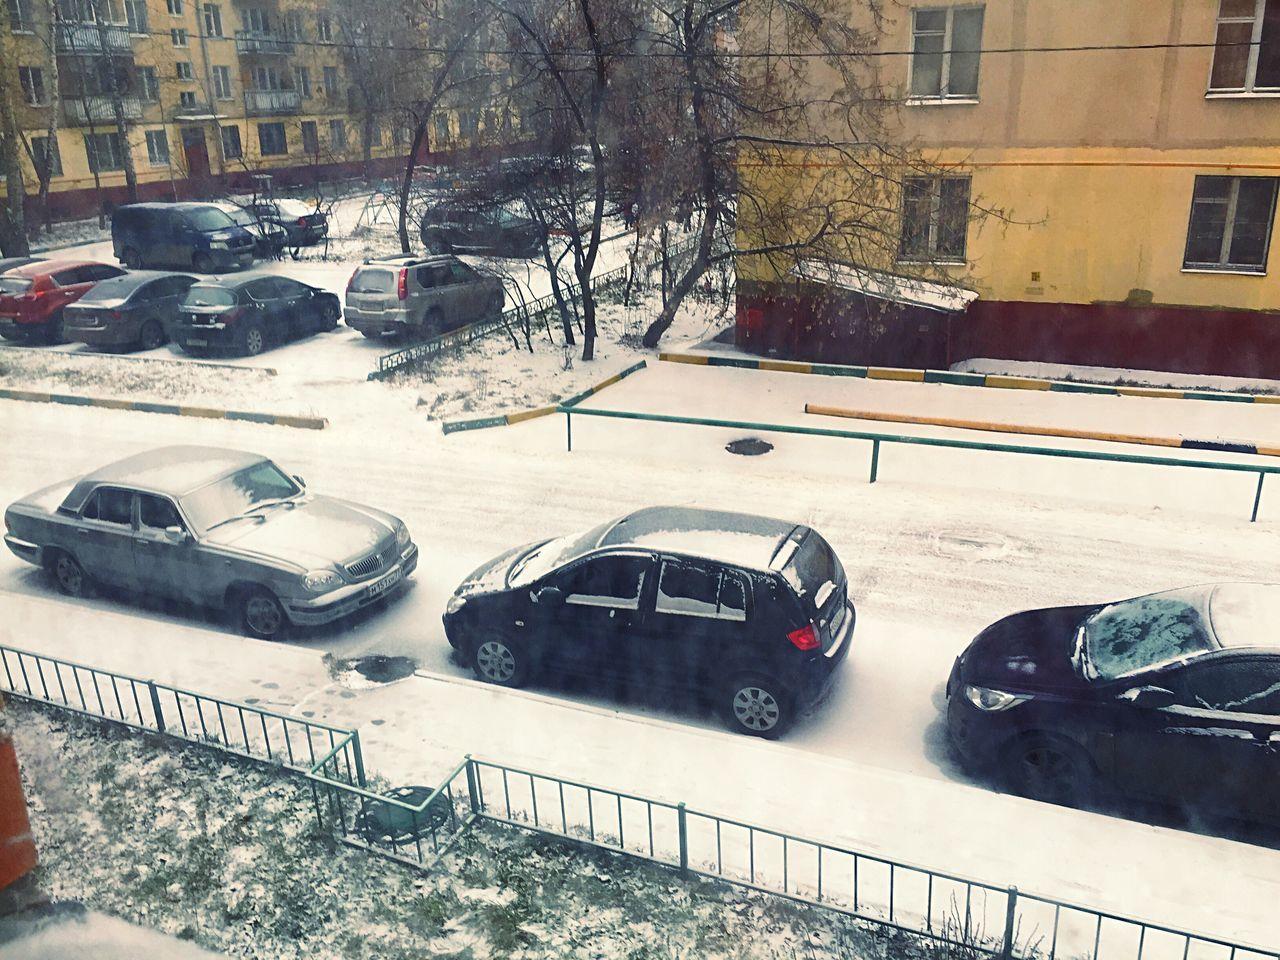 Так и не дождались снега😕❄ а новый год уже на подходе. снег ждем